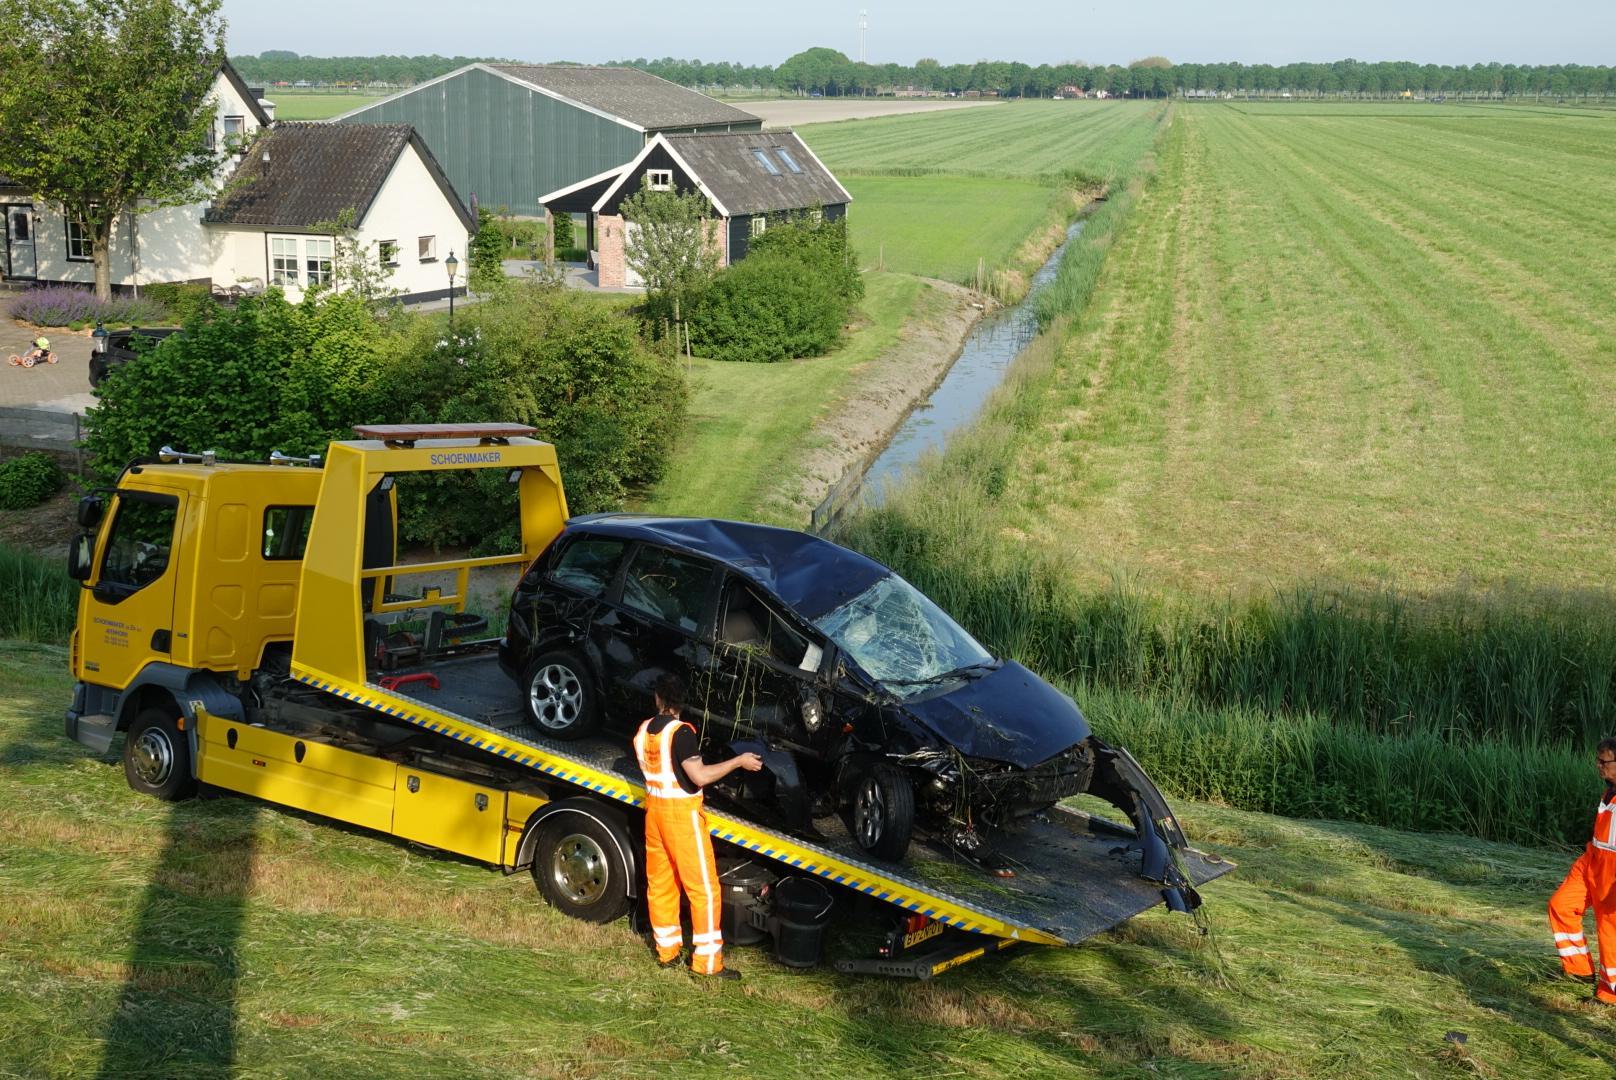 Auto meerdere keren over de kop geslagen en rolt van de berm bij Purmerend; bestuurder gewond, voertuig total loss